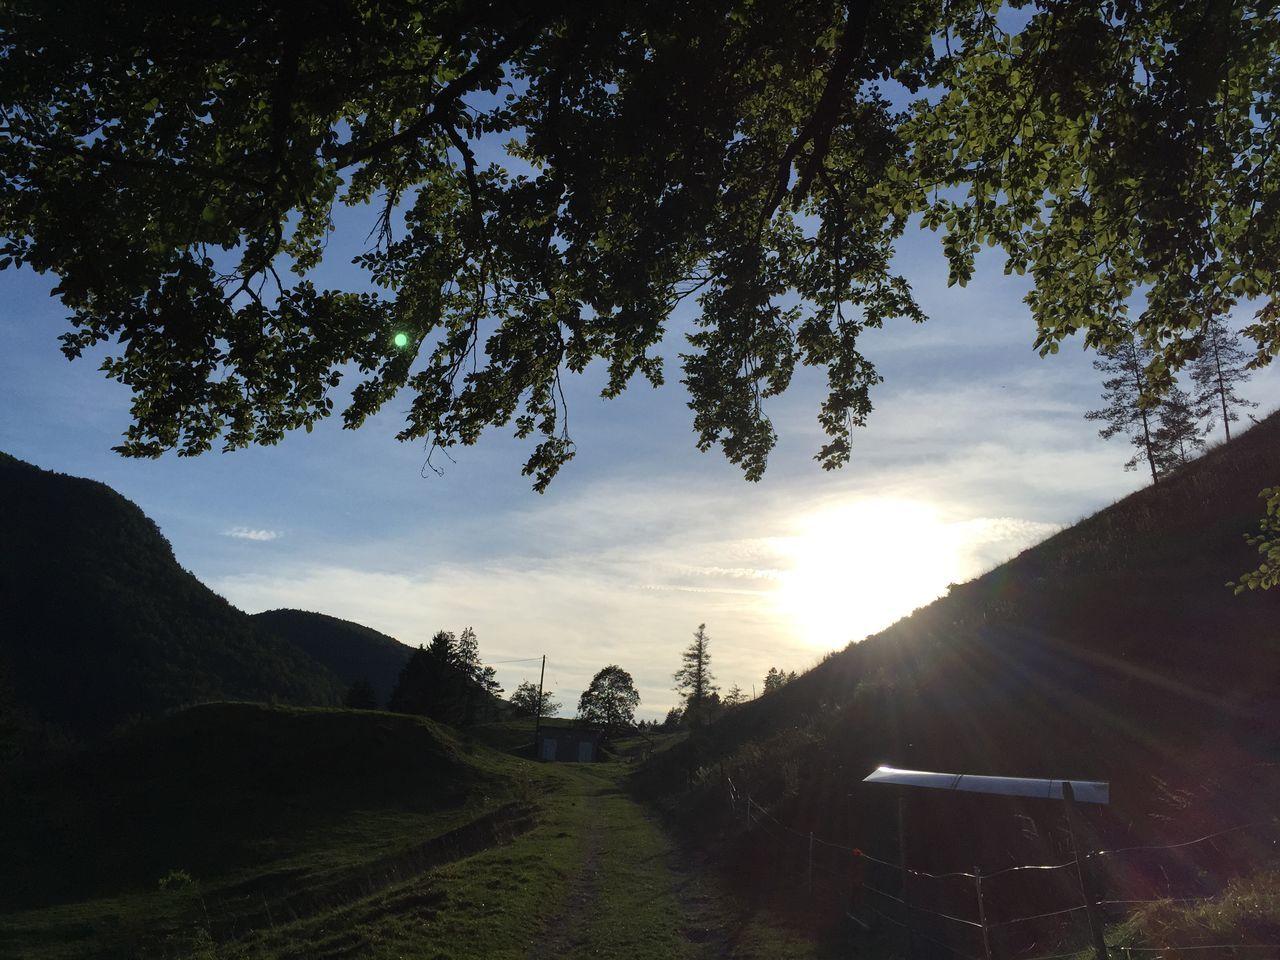 sun, sky, sunset, tree, nature, undervelier, jura, switzerland, Found On The Roll